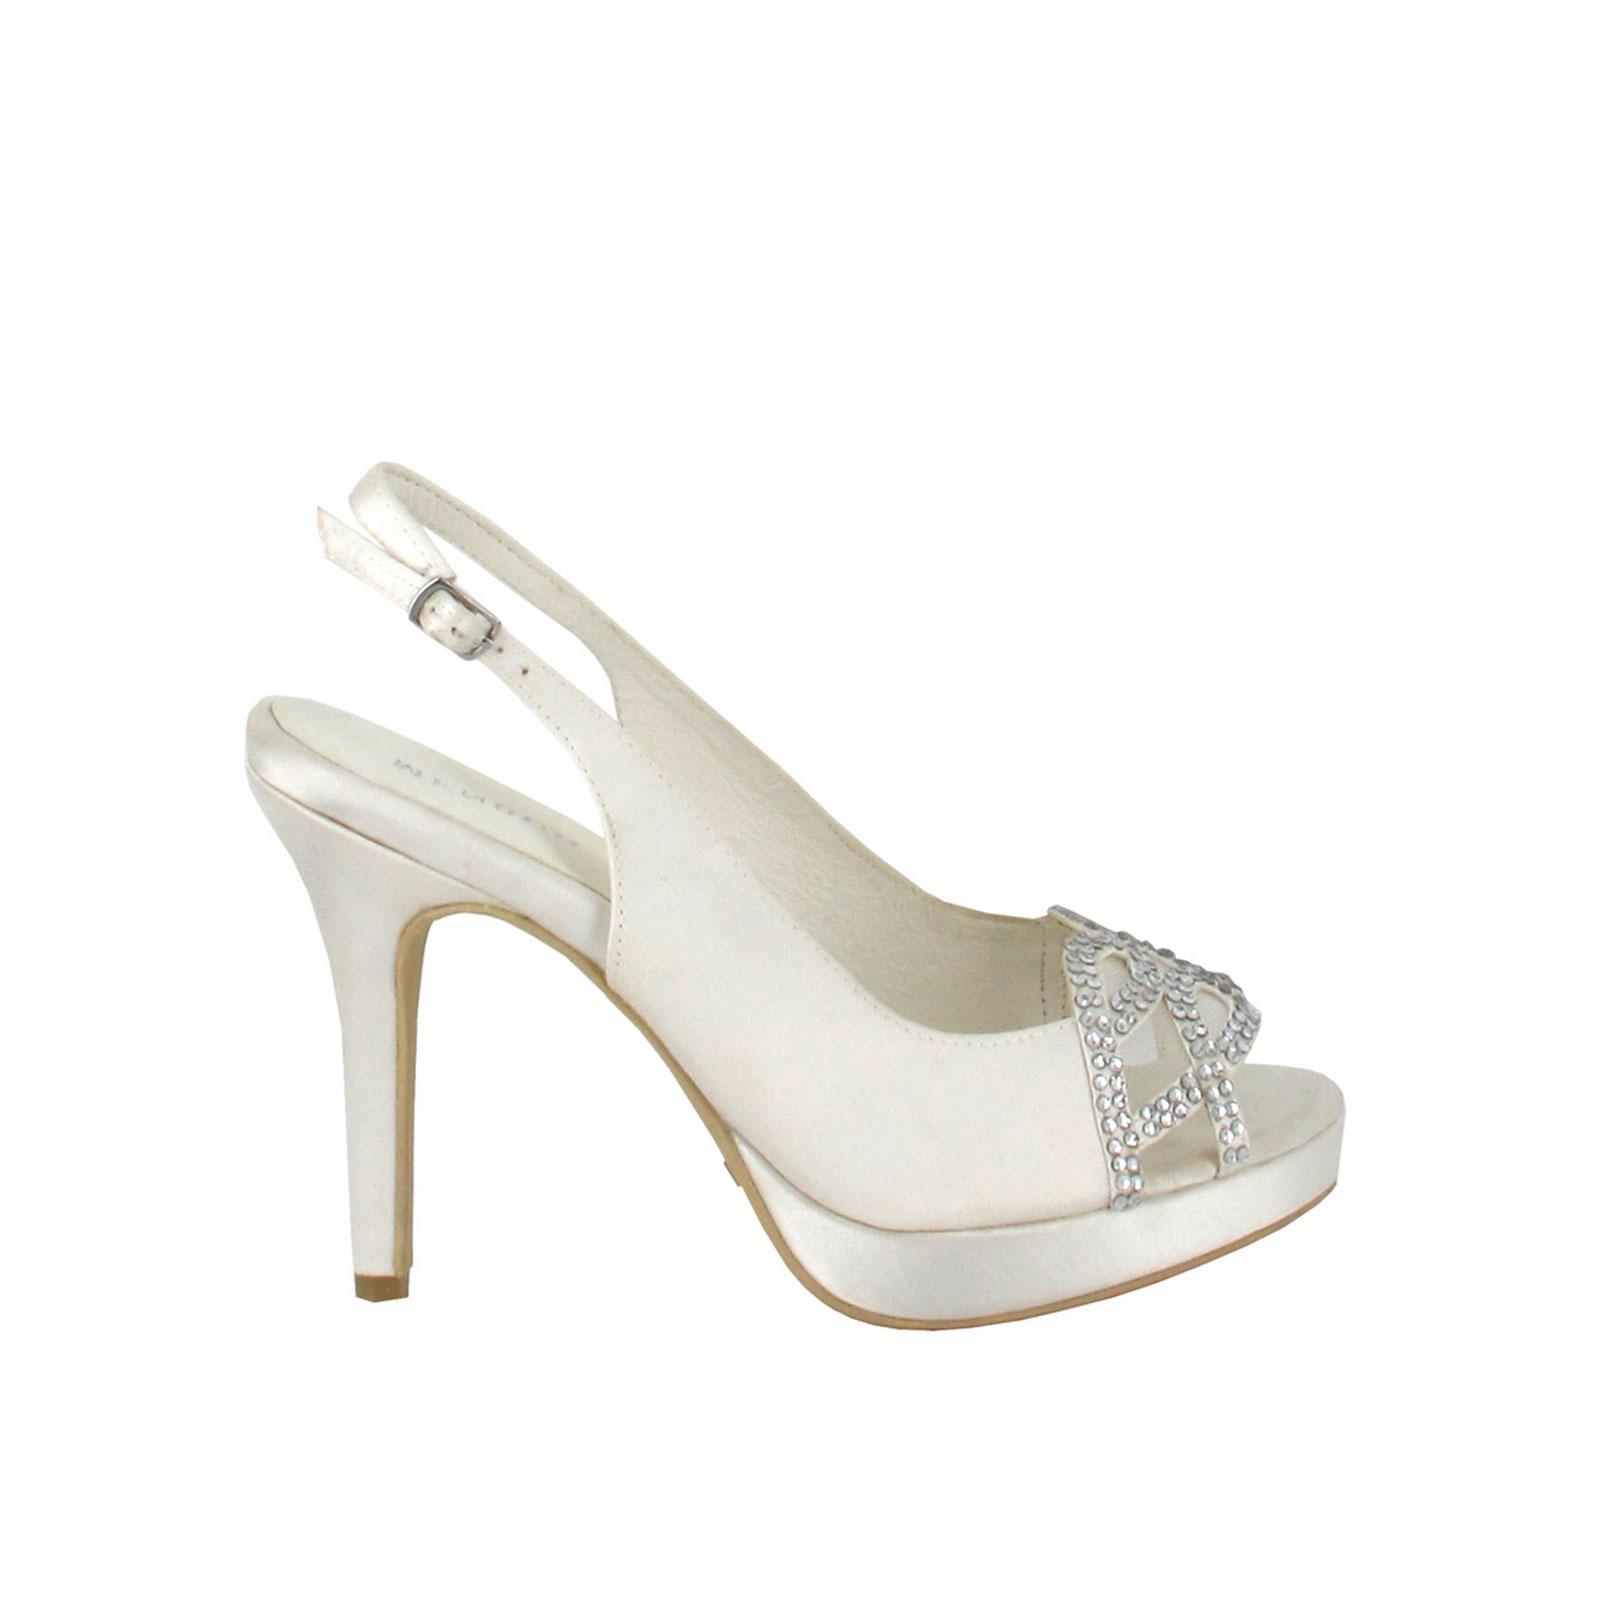 daadfb814822 scarpe da sposa Menbur 6250